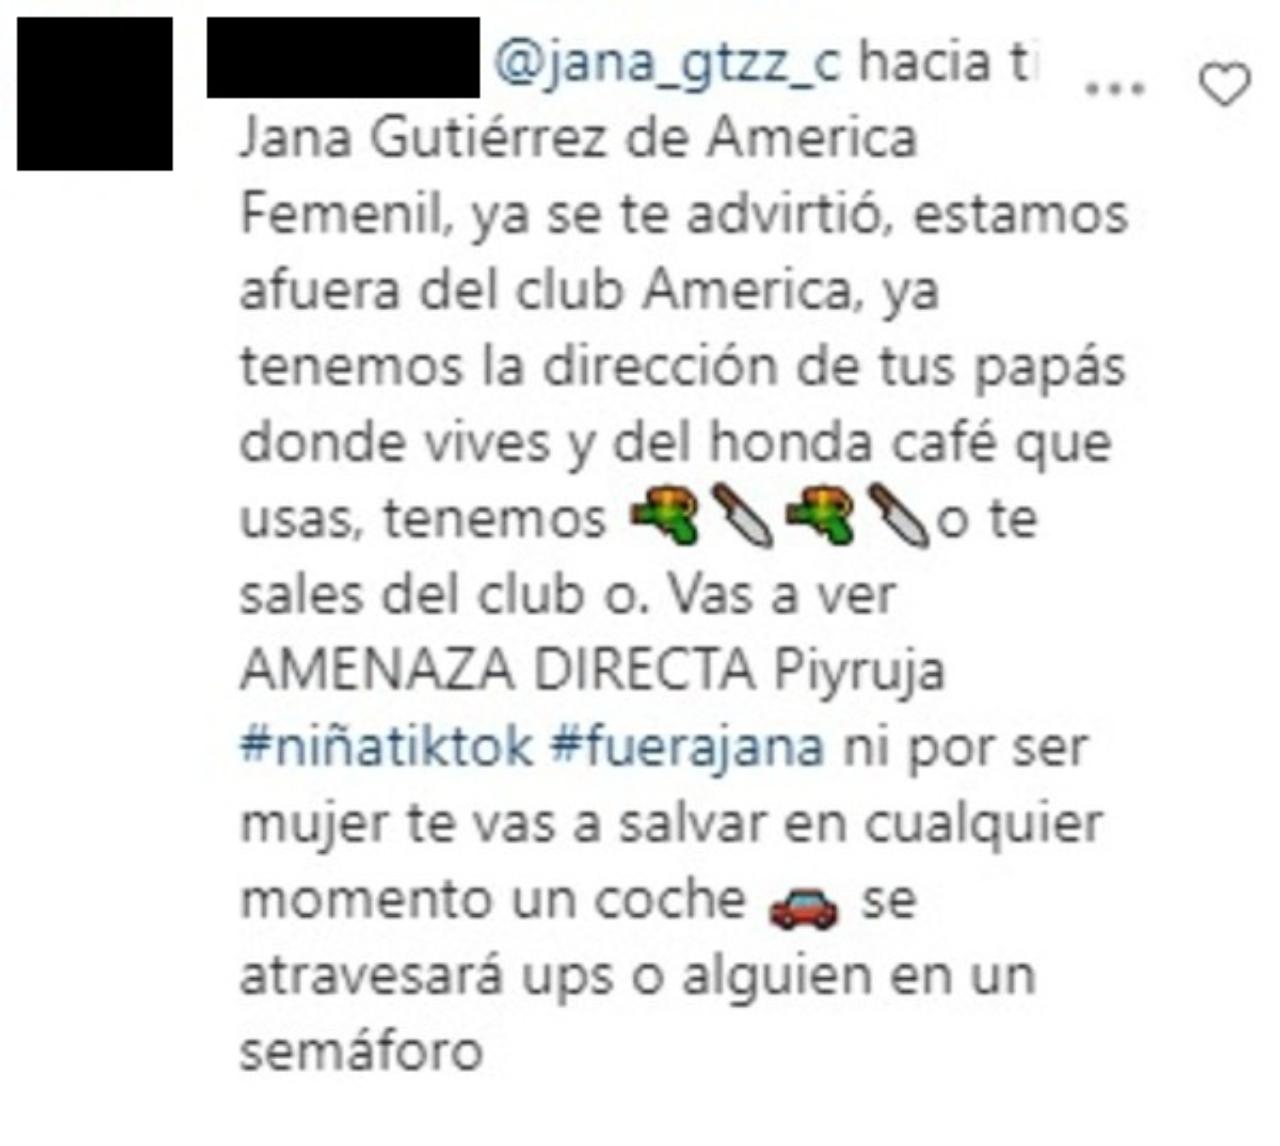 Jana Gutiérrez y amenaza a sus papás